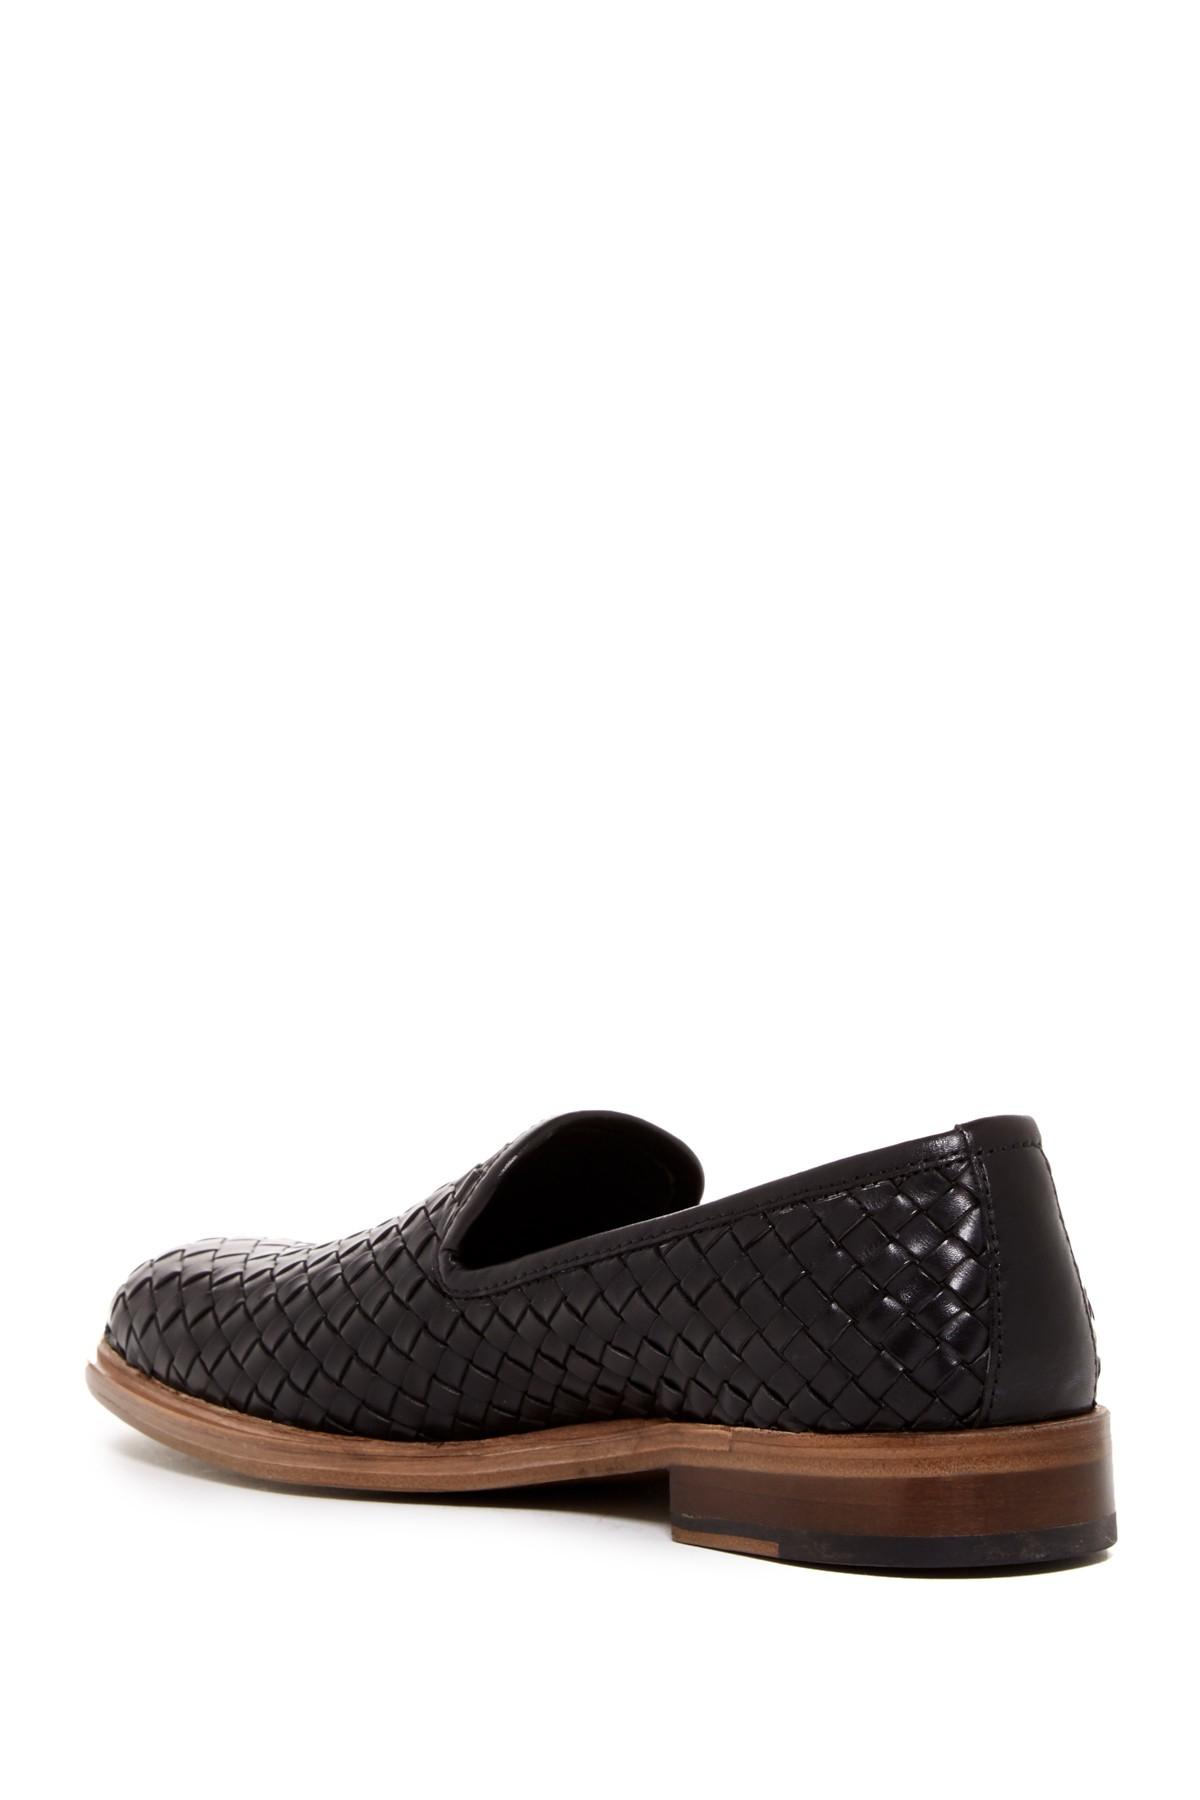 Donald J Pliner Zelvyn Woven Loafer In Black For Men Lyst